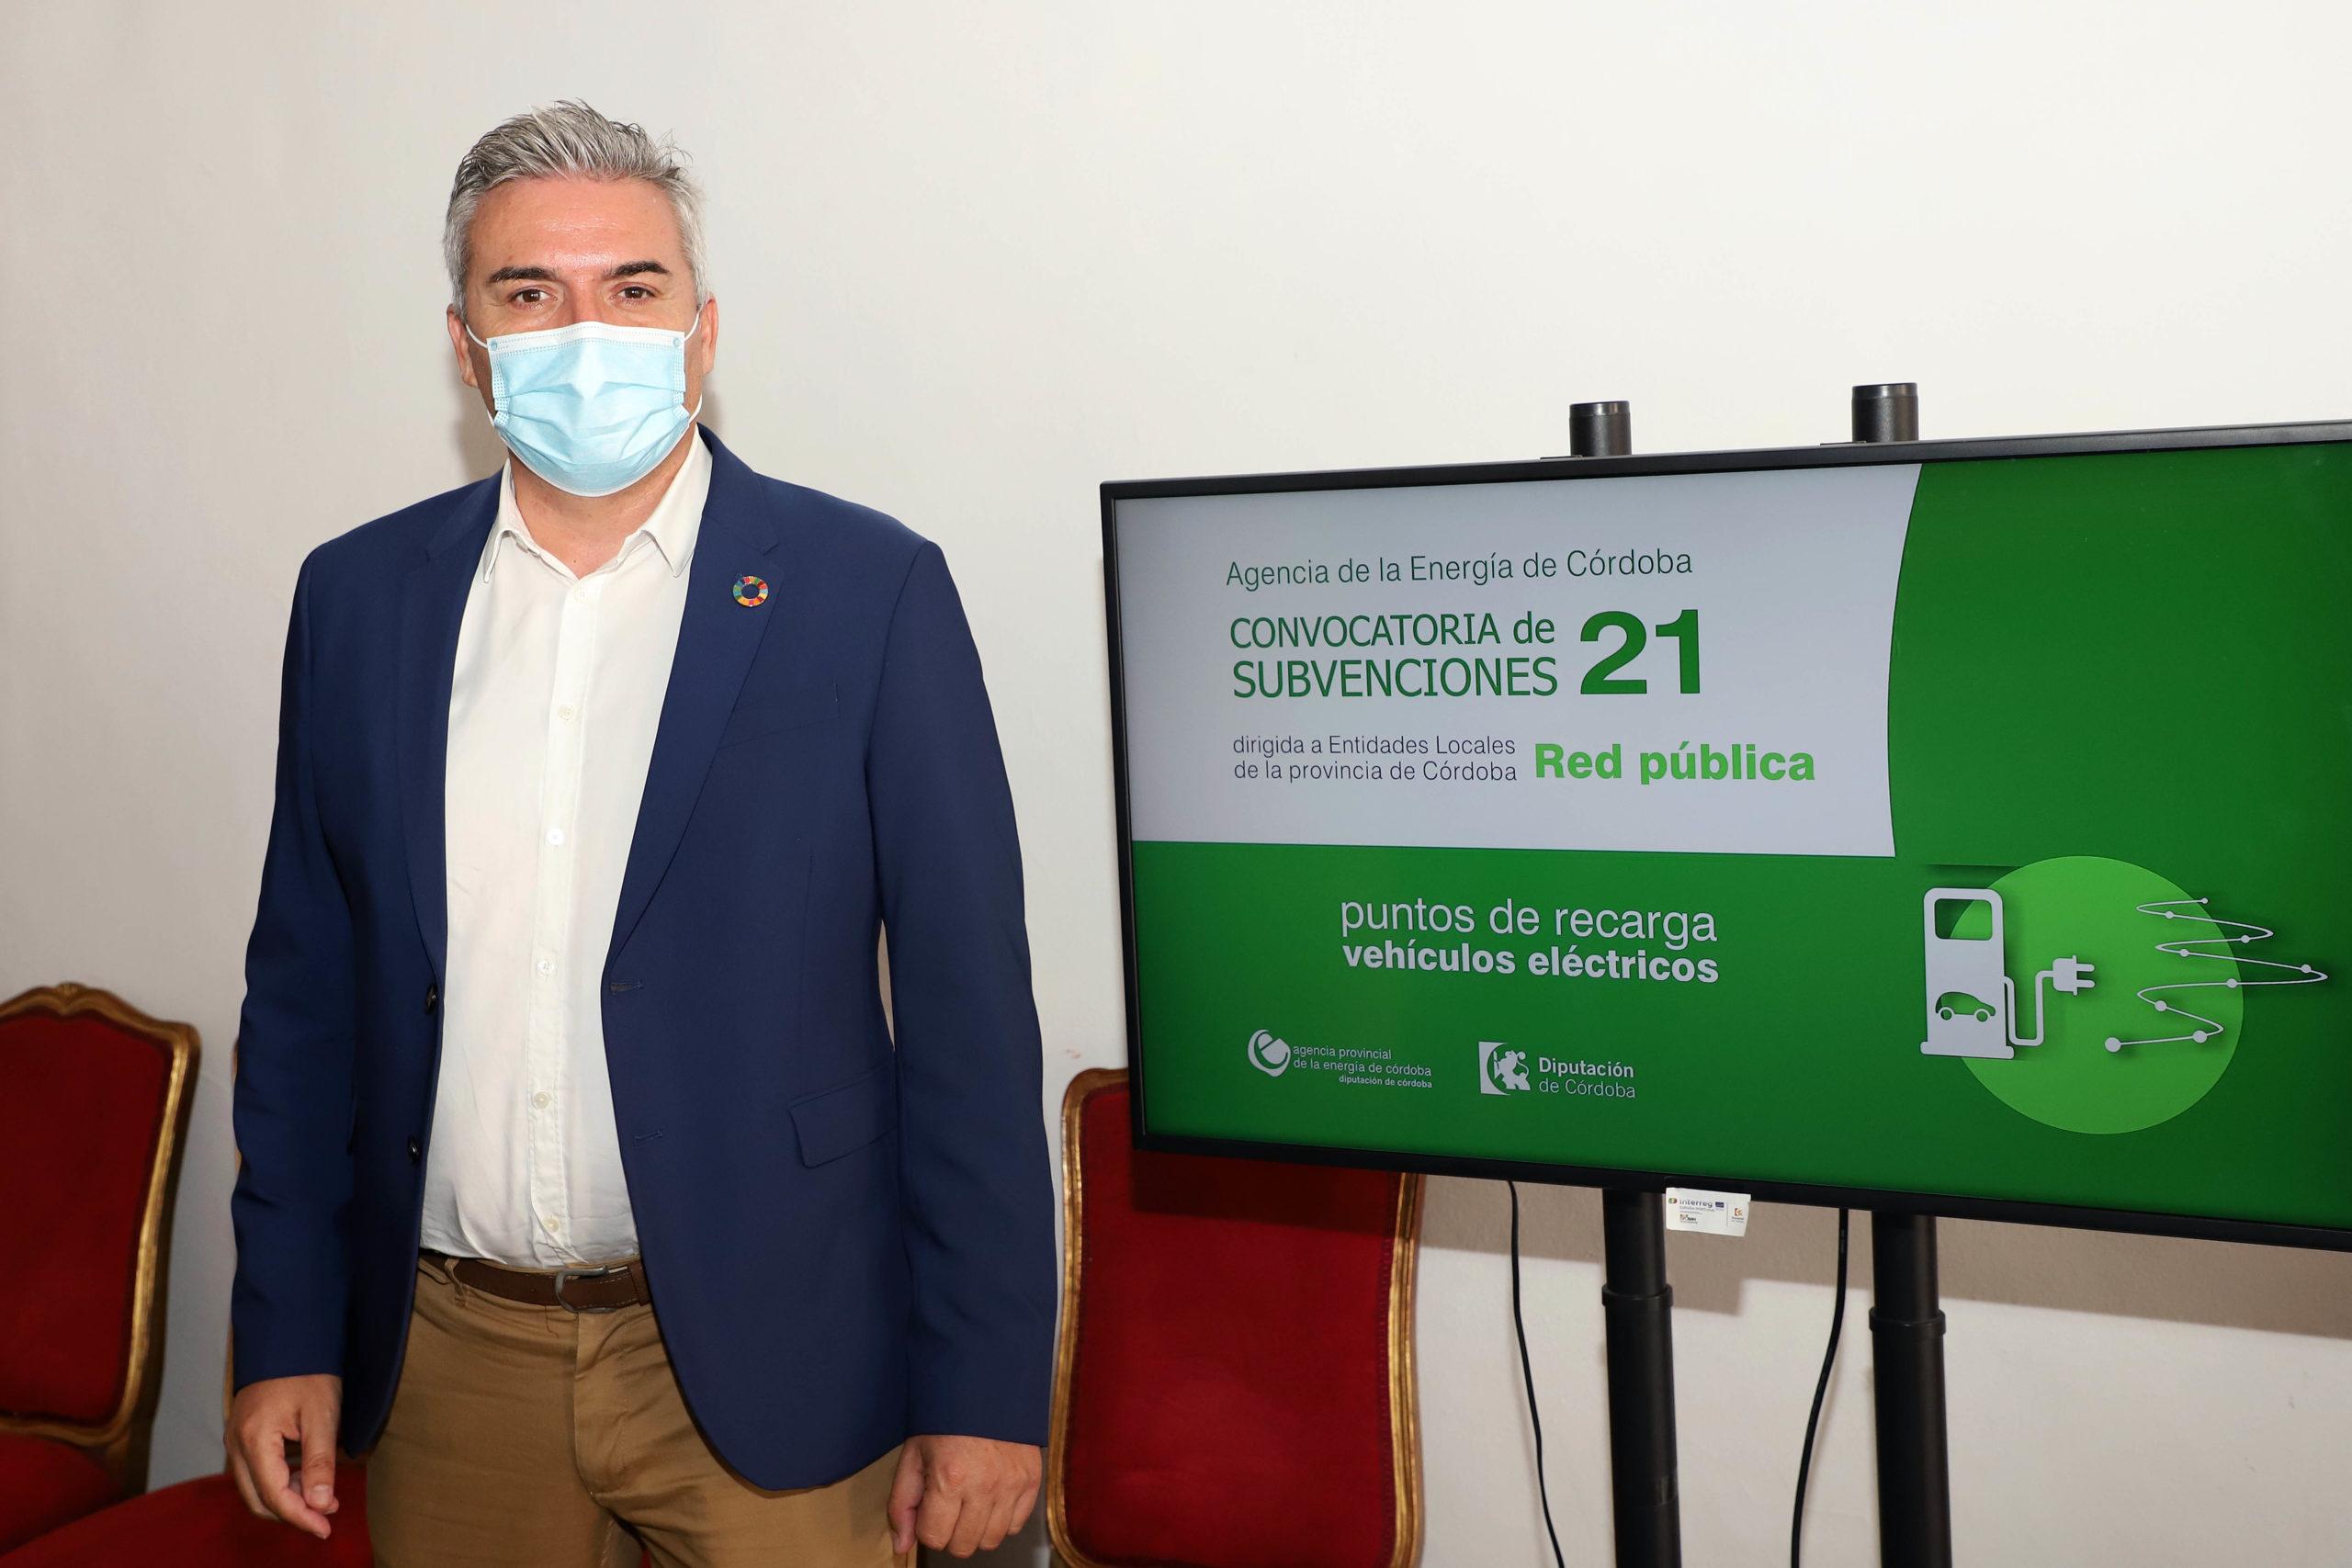 La Diputación destinará 500.000 euros a la puesta en marcha de una Red Pública de Puntos de Recarga de Vehículos Eléctricos en la provincia